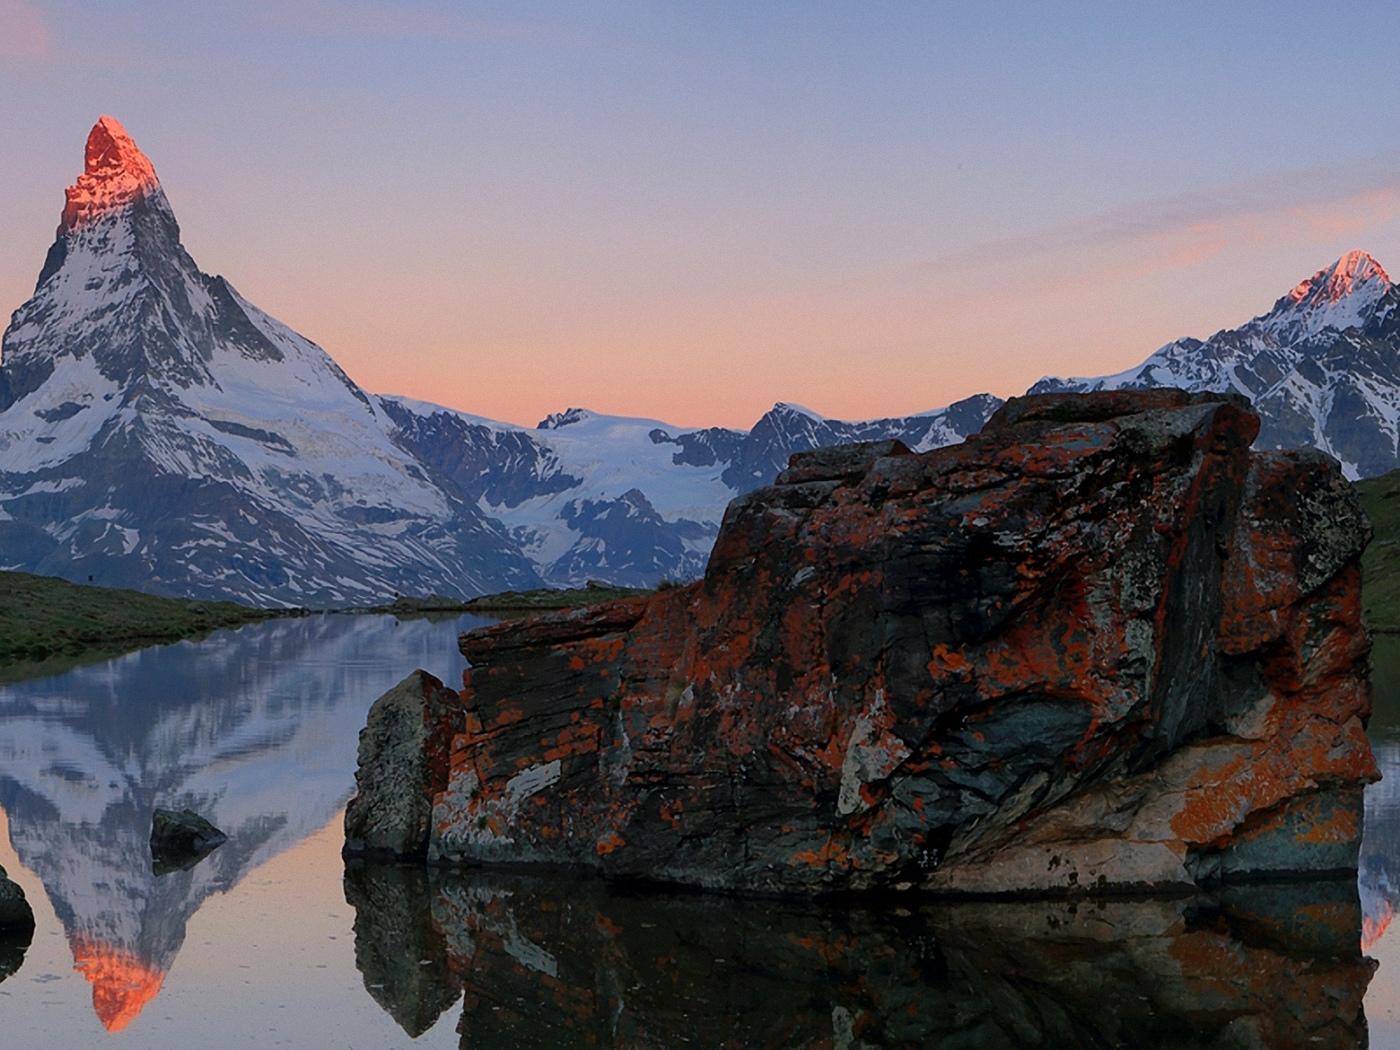 природа, горы, река, камни, проф работа, утро